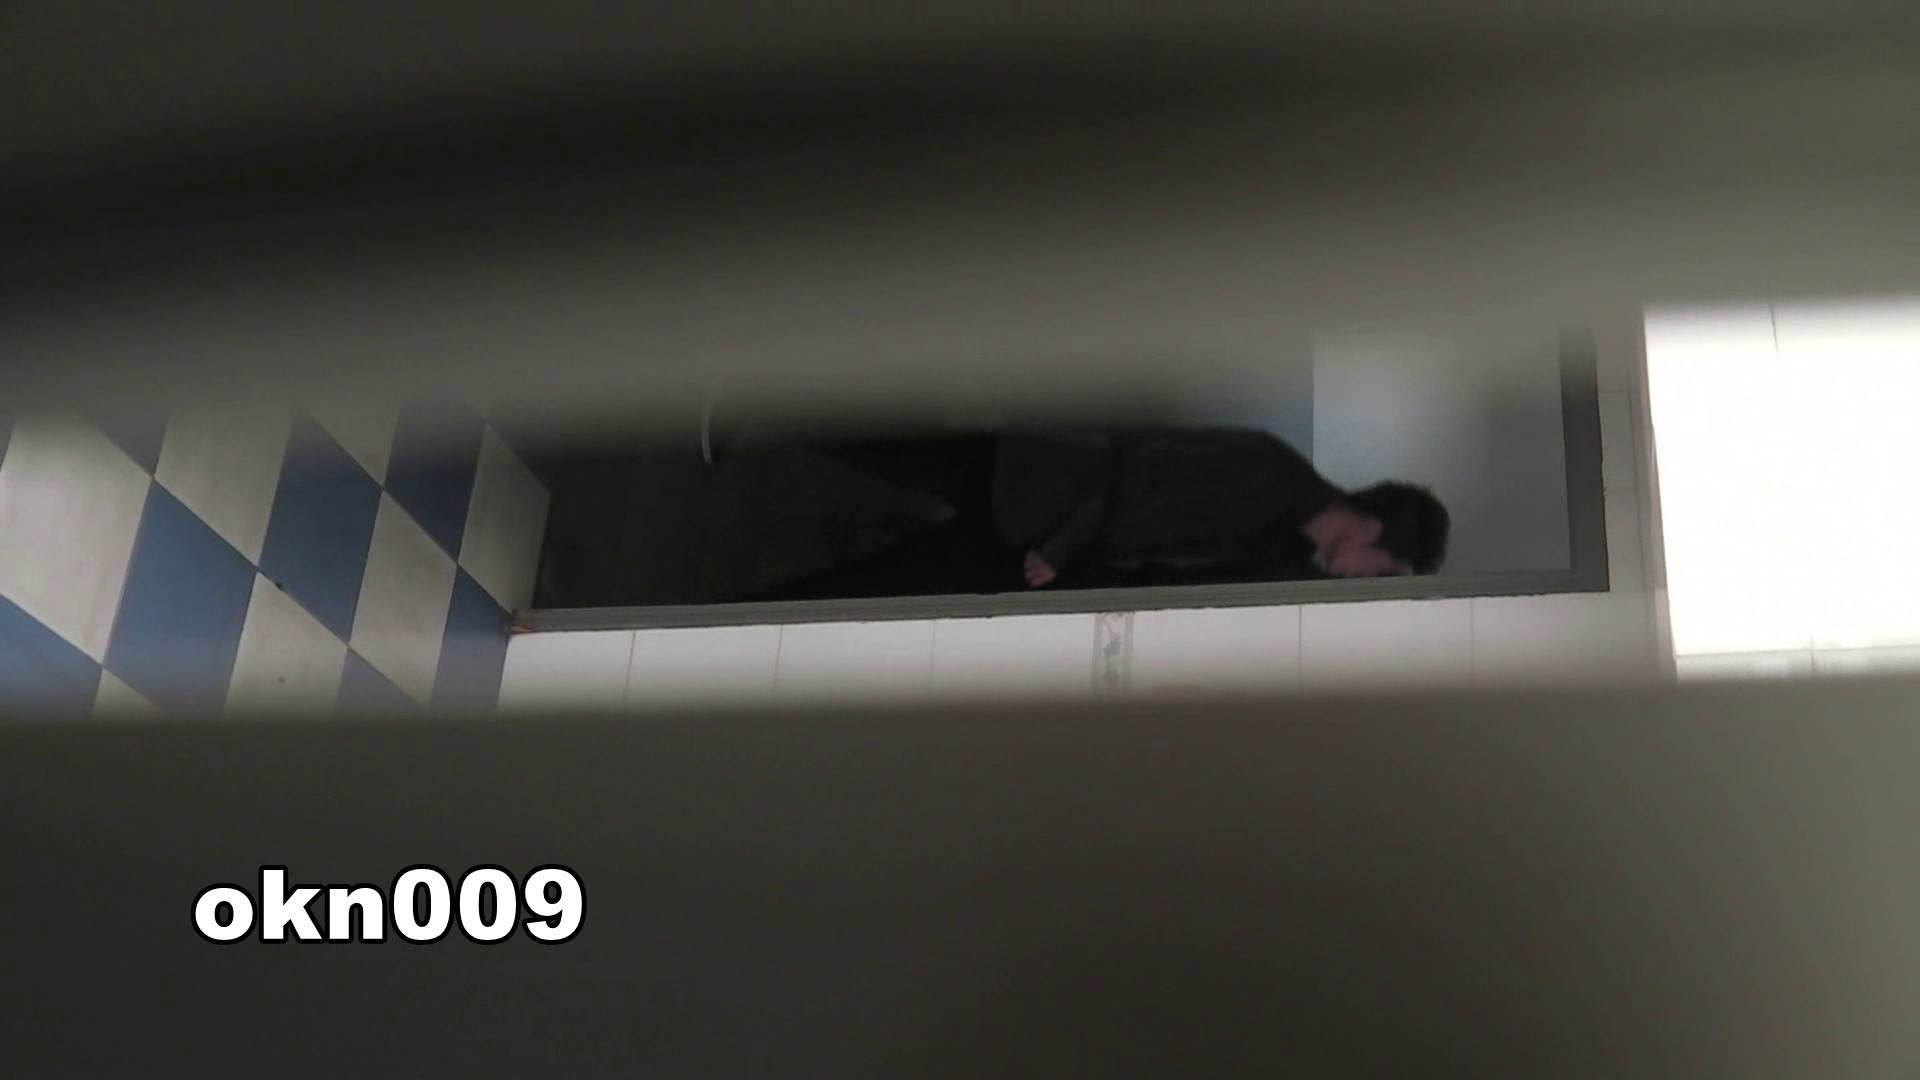 下からノゾム vol.009 リキンでモリアガった割にヒョロ 洗面所 | 丸見えマンコ  55画像 53